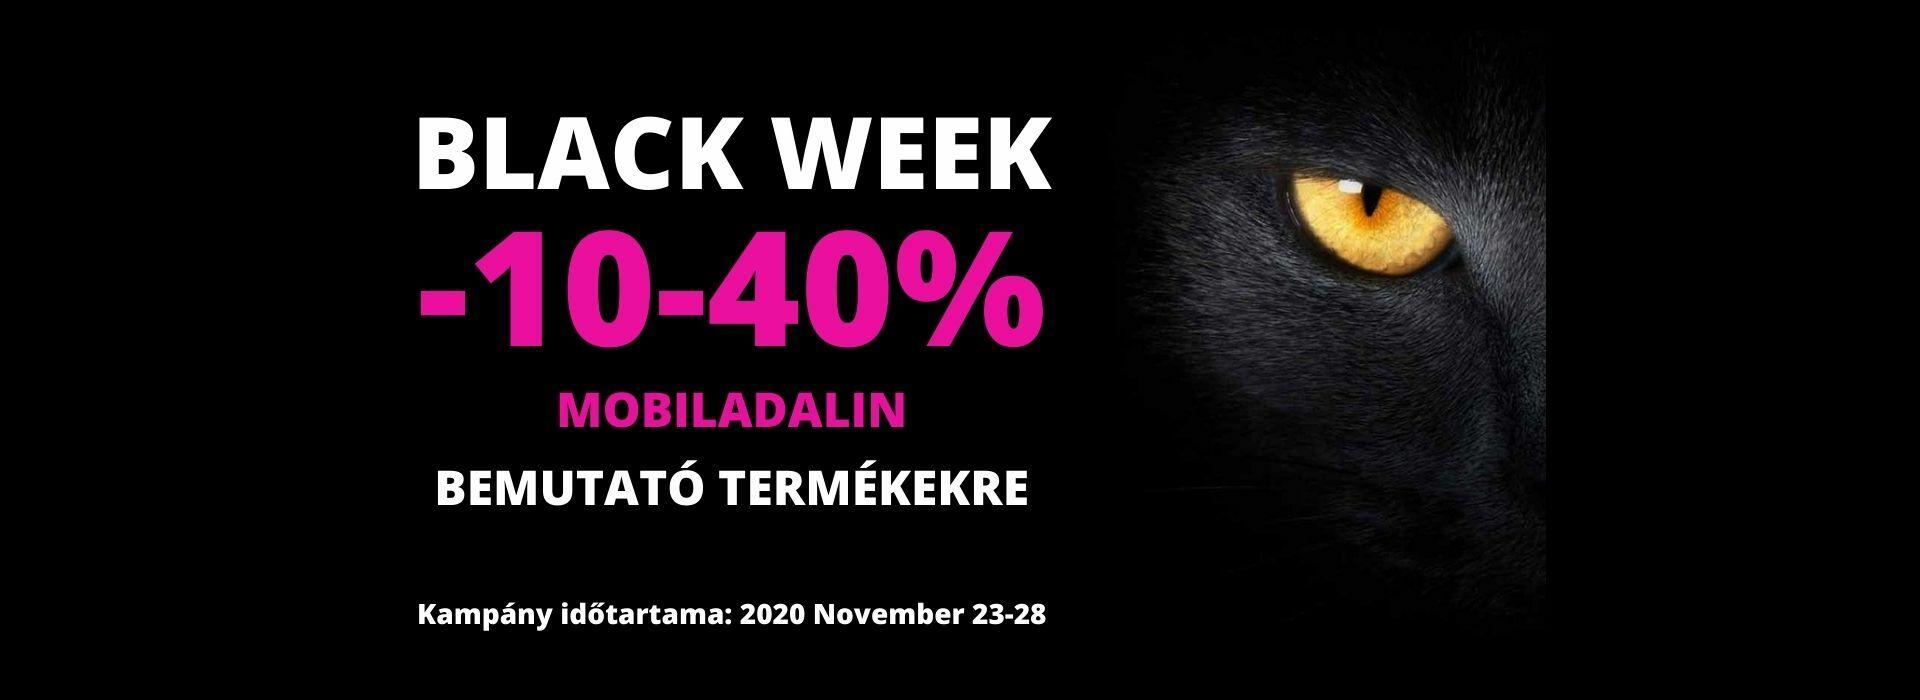 Mobiladalin Black Week